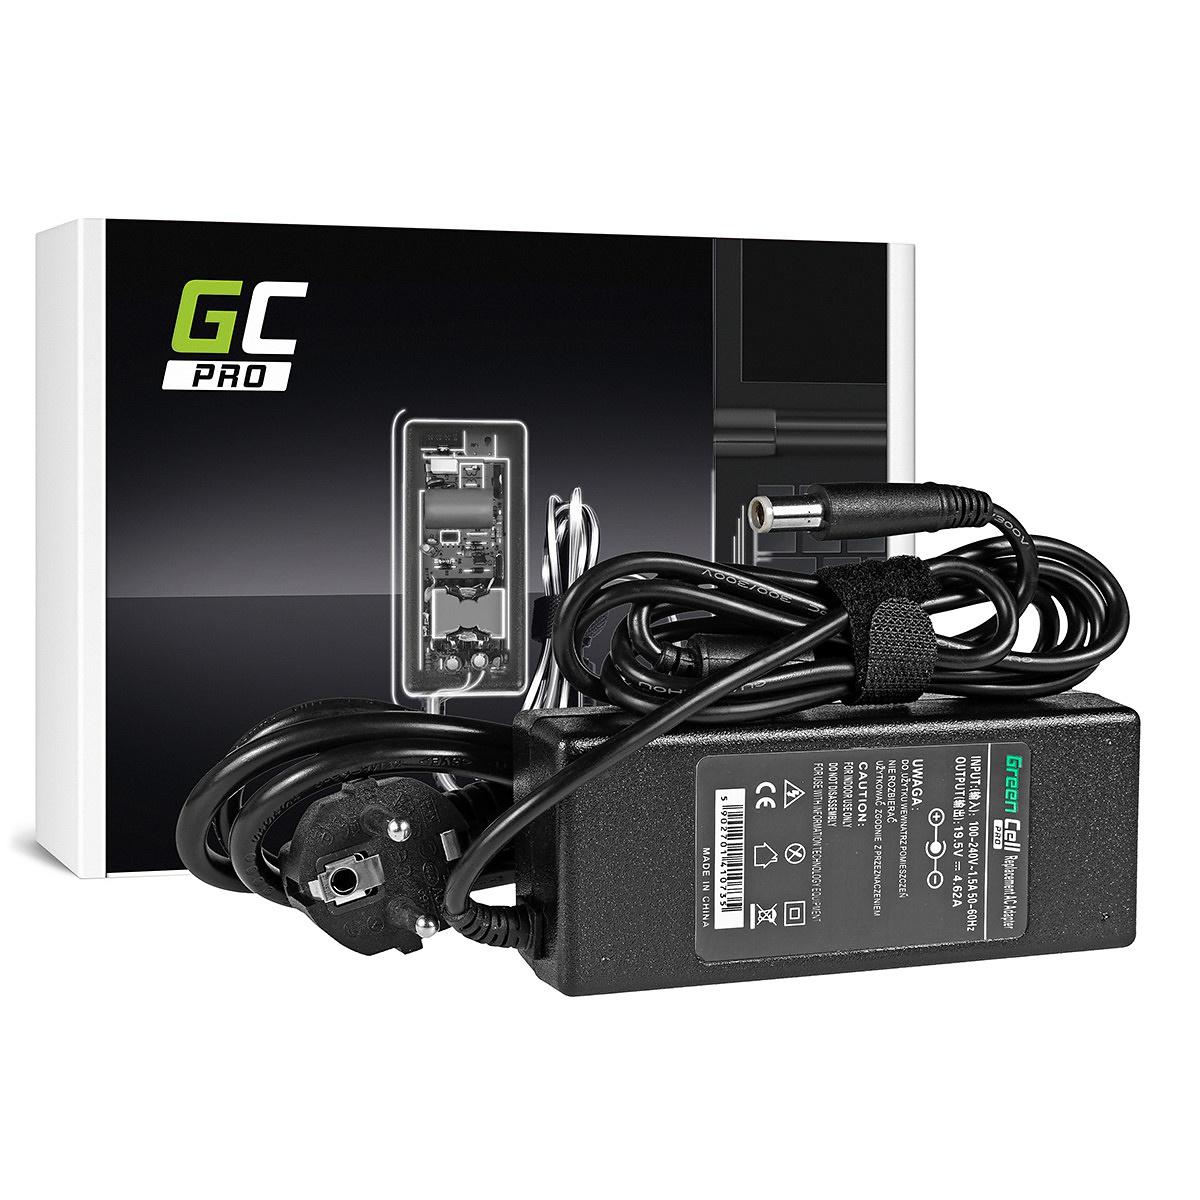 Green Cell PRO laddare för Dell Inspiron 15R, 19.5V 4.62A 90W